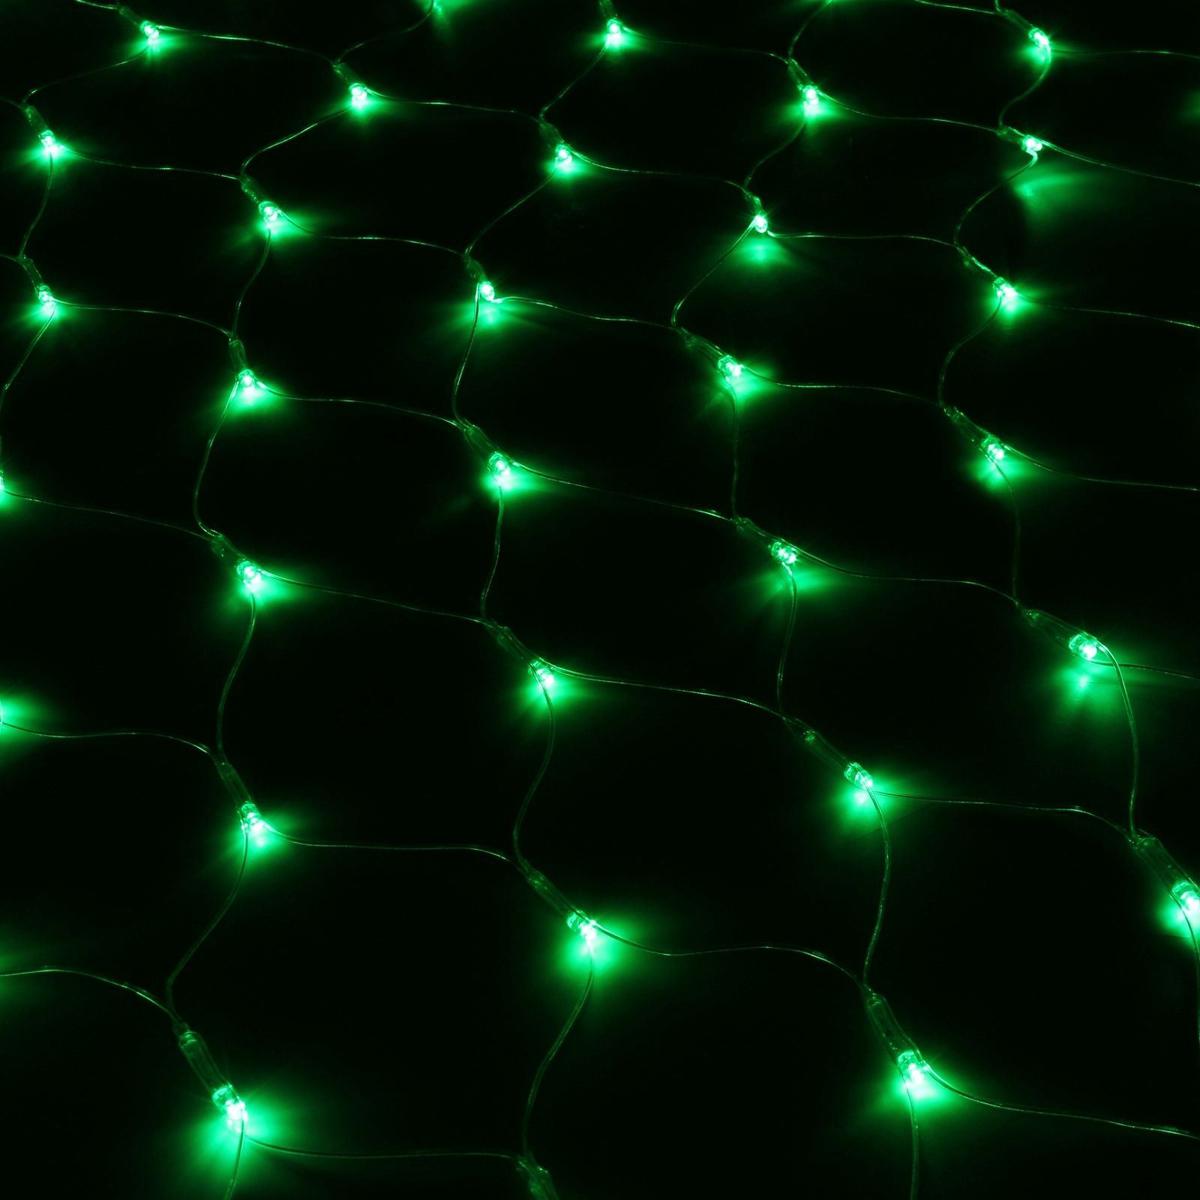 Гирлянда Luazon Сетка, длина 1,1 м, LED 144 ламп, 220V, цвет: зеленый. 187219187219Светодиодные гирлянды, ленты и т.д — это отличный вариант для новогоднего оформления интерьера или фасада. С их помощью помещение любого размера можно превратить в праздничный зал, а внешние элементы зданий, украшенные ими, мгновенно станут напоминать очертания сказочного дворца. Такие украшения создают ауру предвкушения чуда. Деревья, фасады, витрины, окна и арки будто специально созданы, чтобы вы украсили их светящимися нитями.